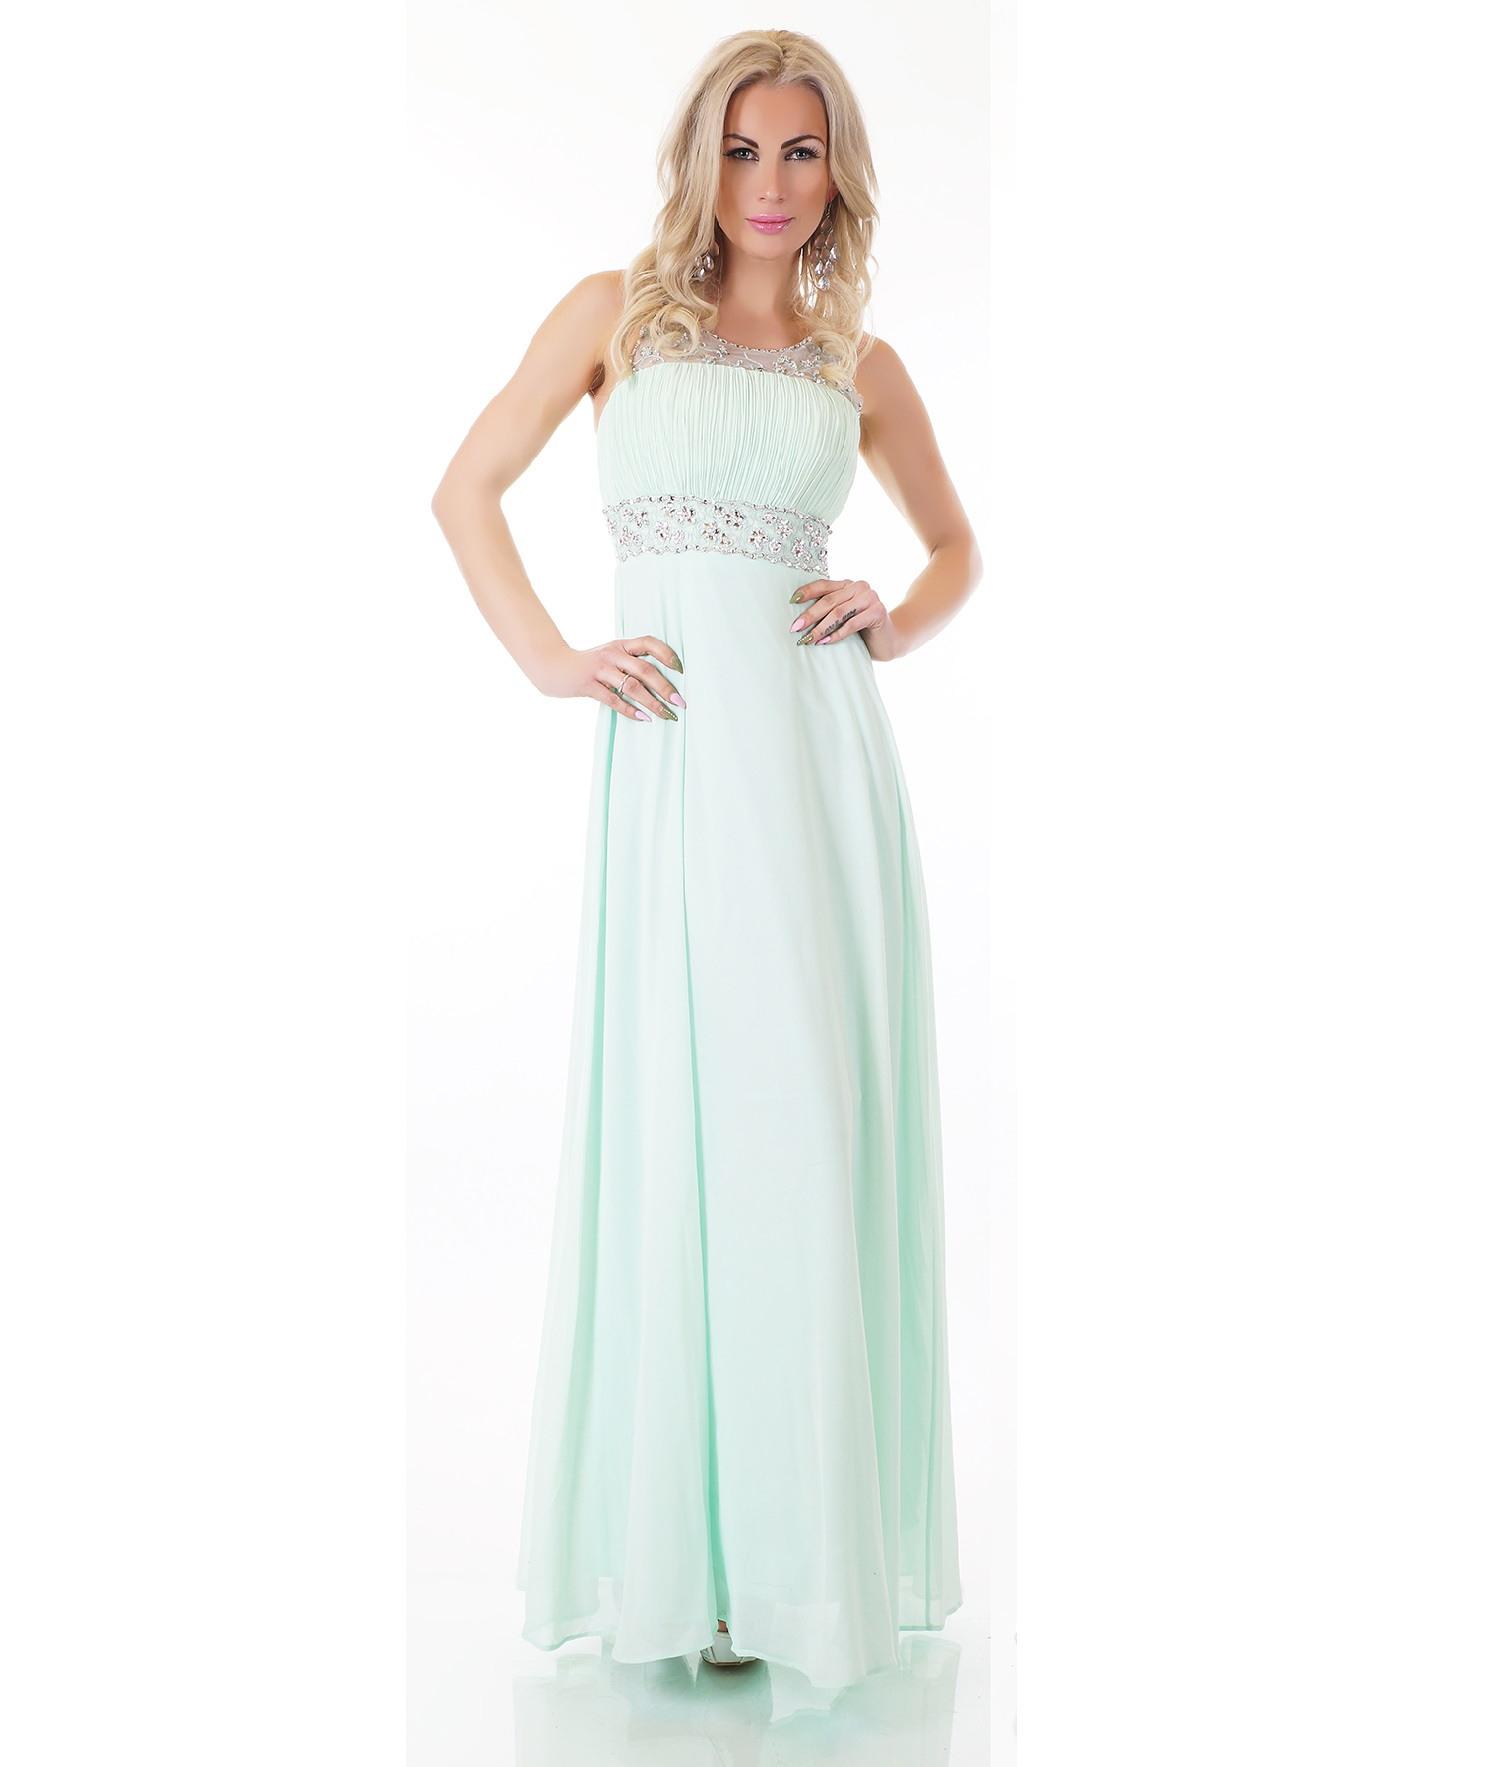 Genial Abendkleid Günstig Online Kaufen Spezialgebiet15 Perfekt Abendkleid Günstig Online Kaufen Spezialgebiet